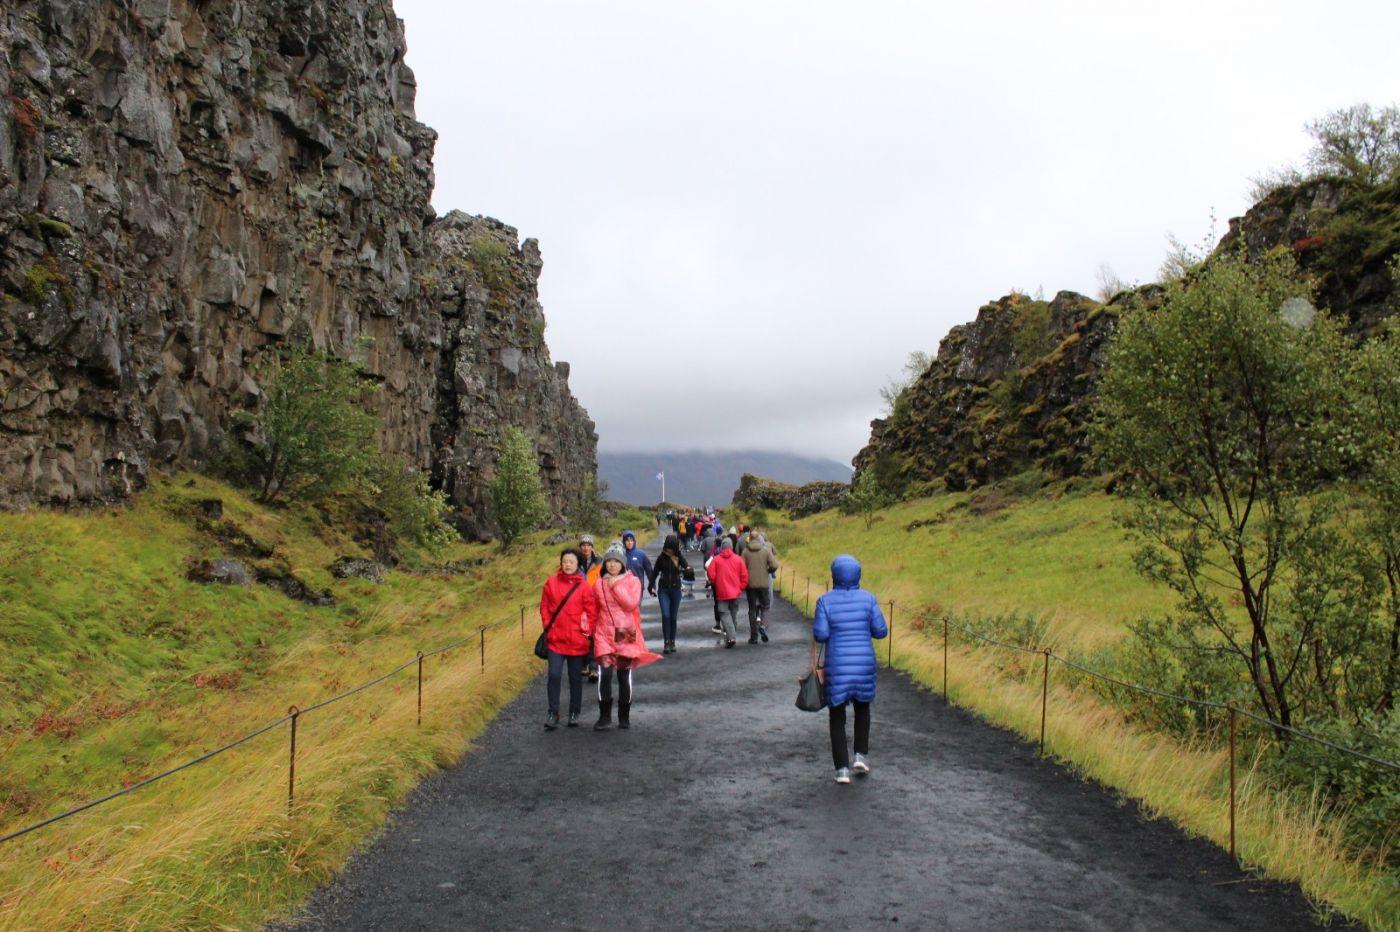 冰岛黄金圈一日游_图1-9